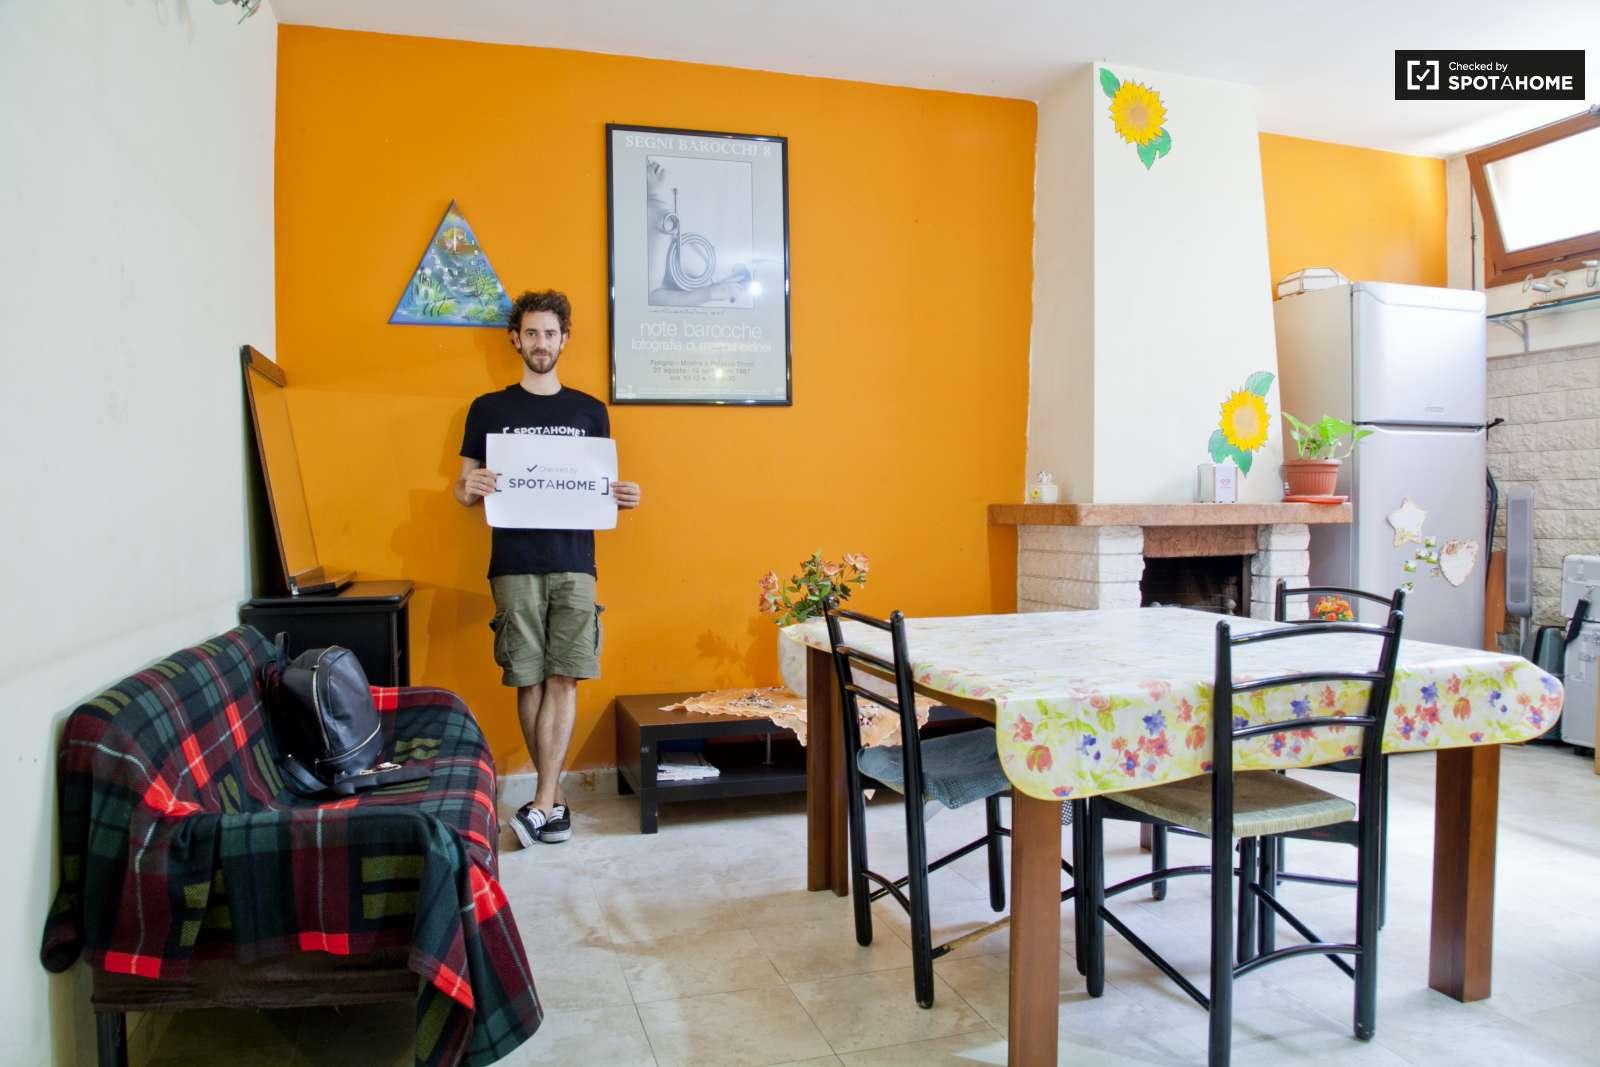 Stanze in affitto in una grande casa con 3 camere da letto for Una casa con quattro camere da letto